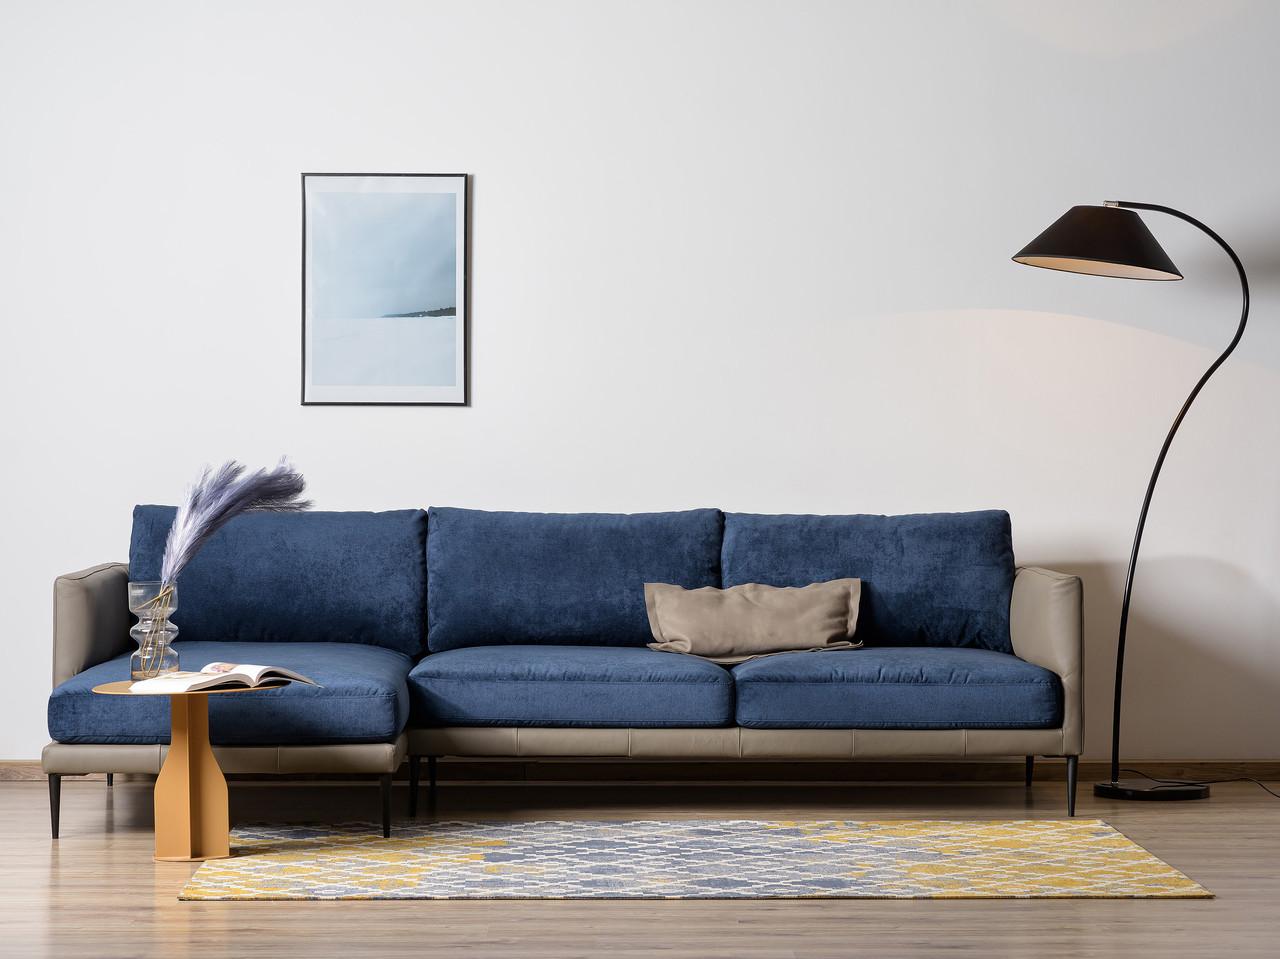 Угловой диван Монтана, для офиса, в салон, стиль лофт